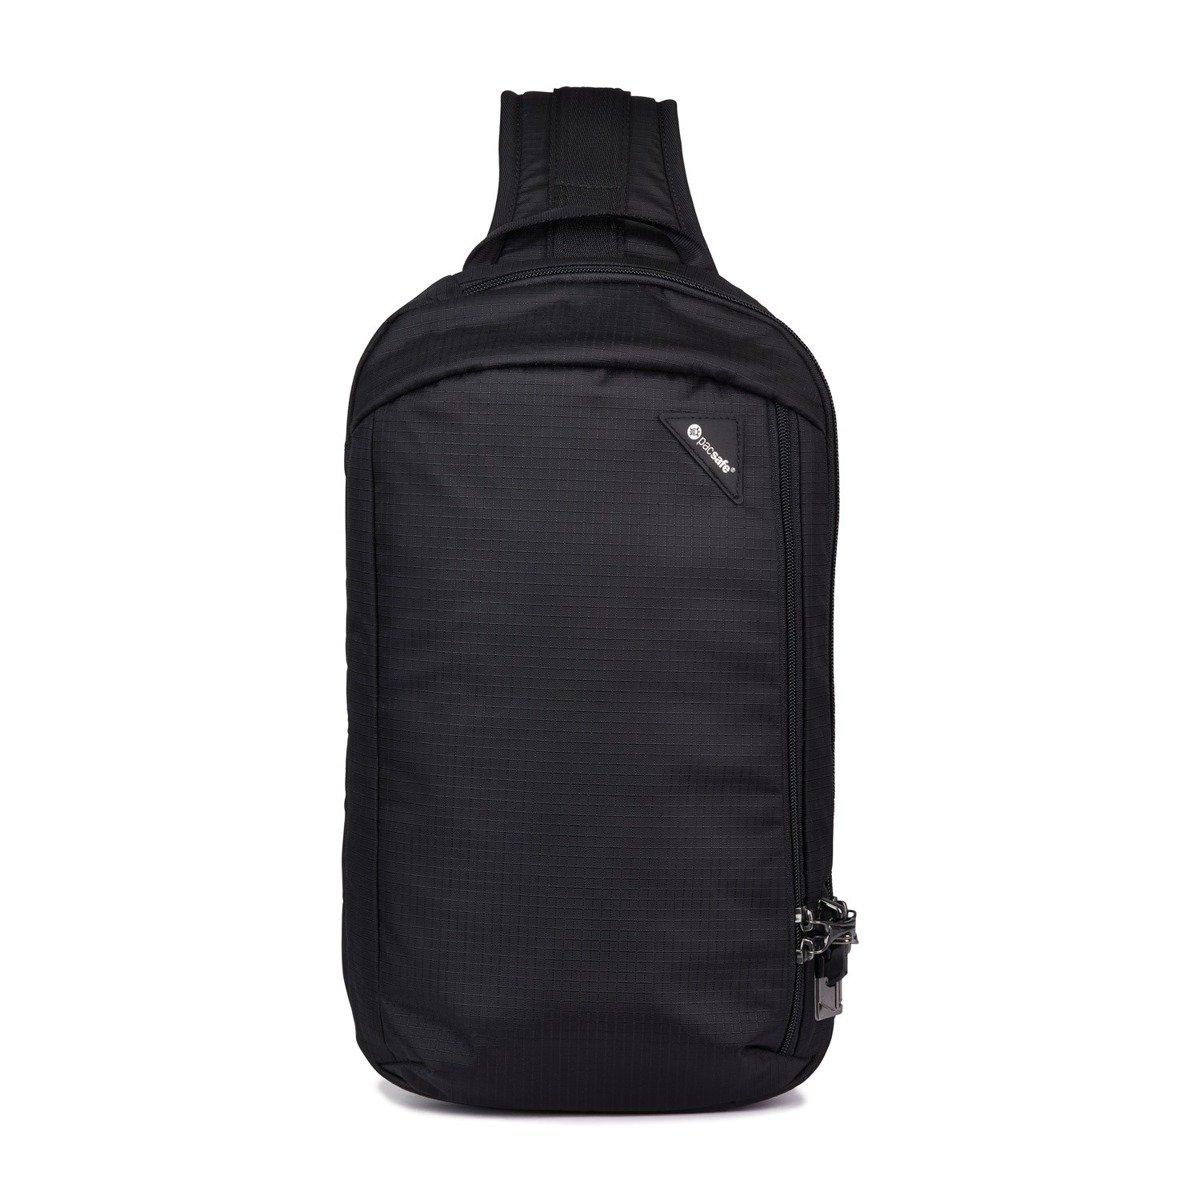 Plecak jednoramienny antykradzieżowy Pacsafe Vibe 325 Forest